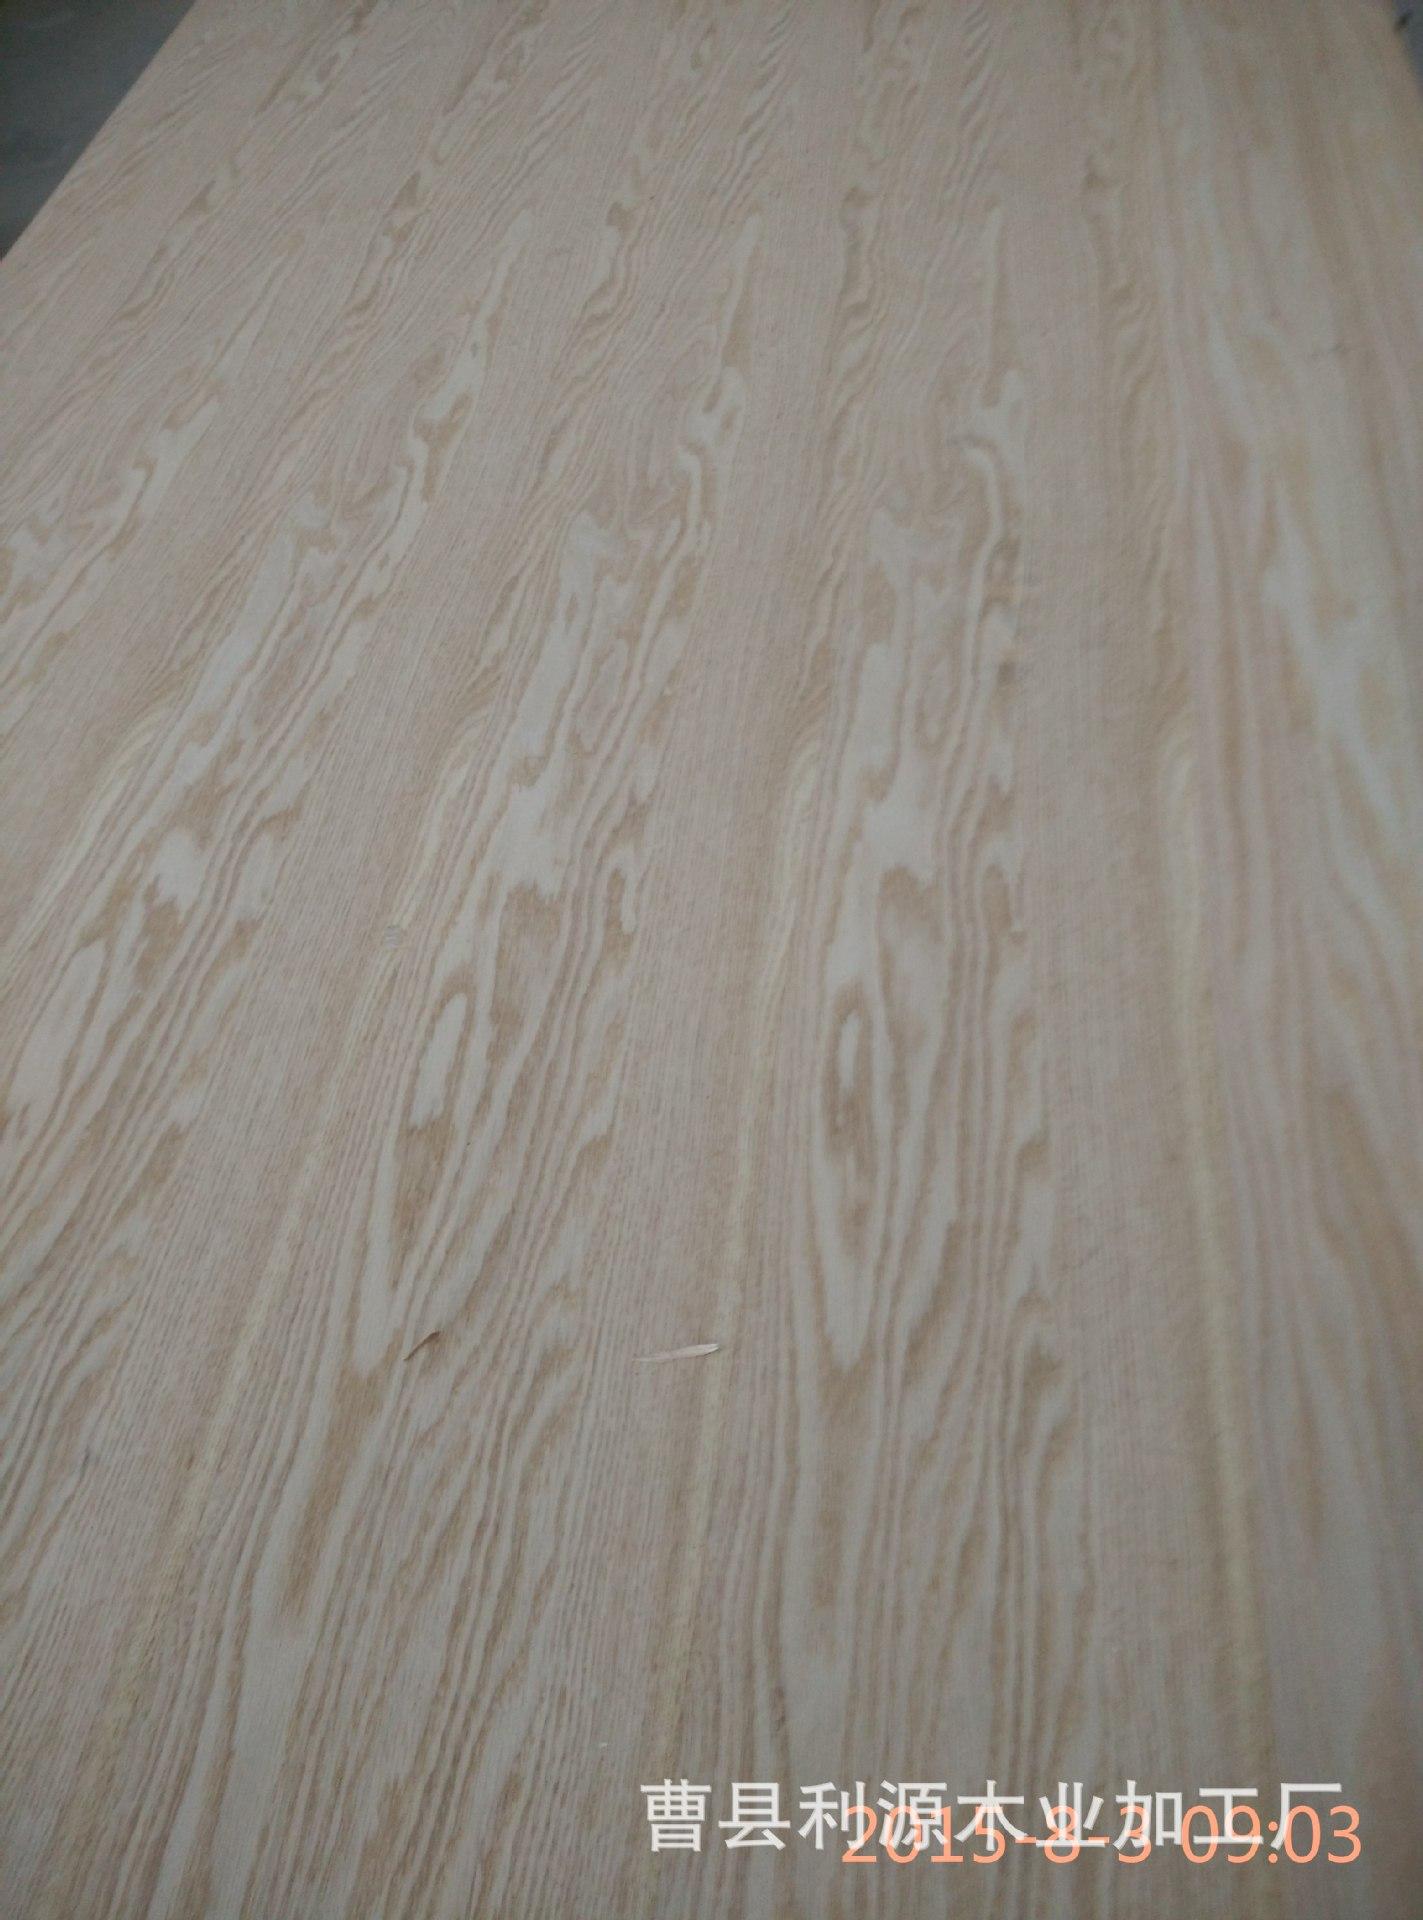 优质美国红橡木直拼板红橡家具板